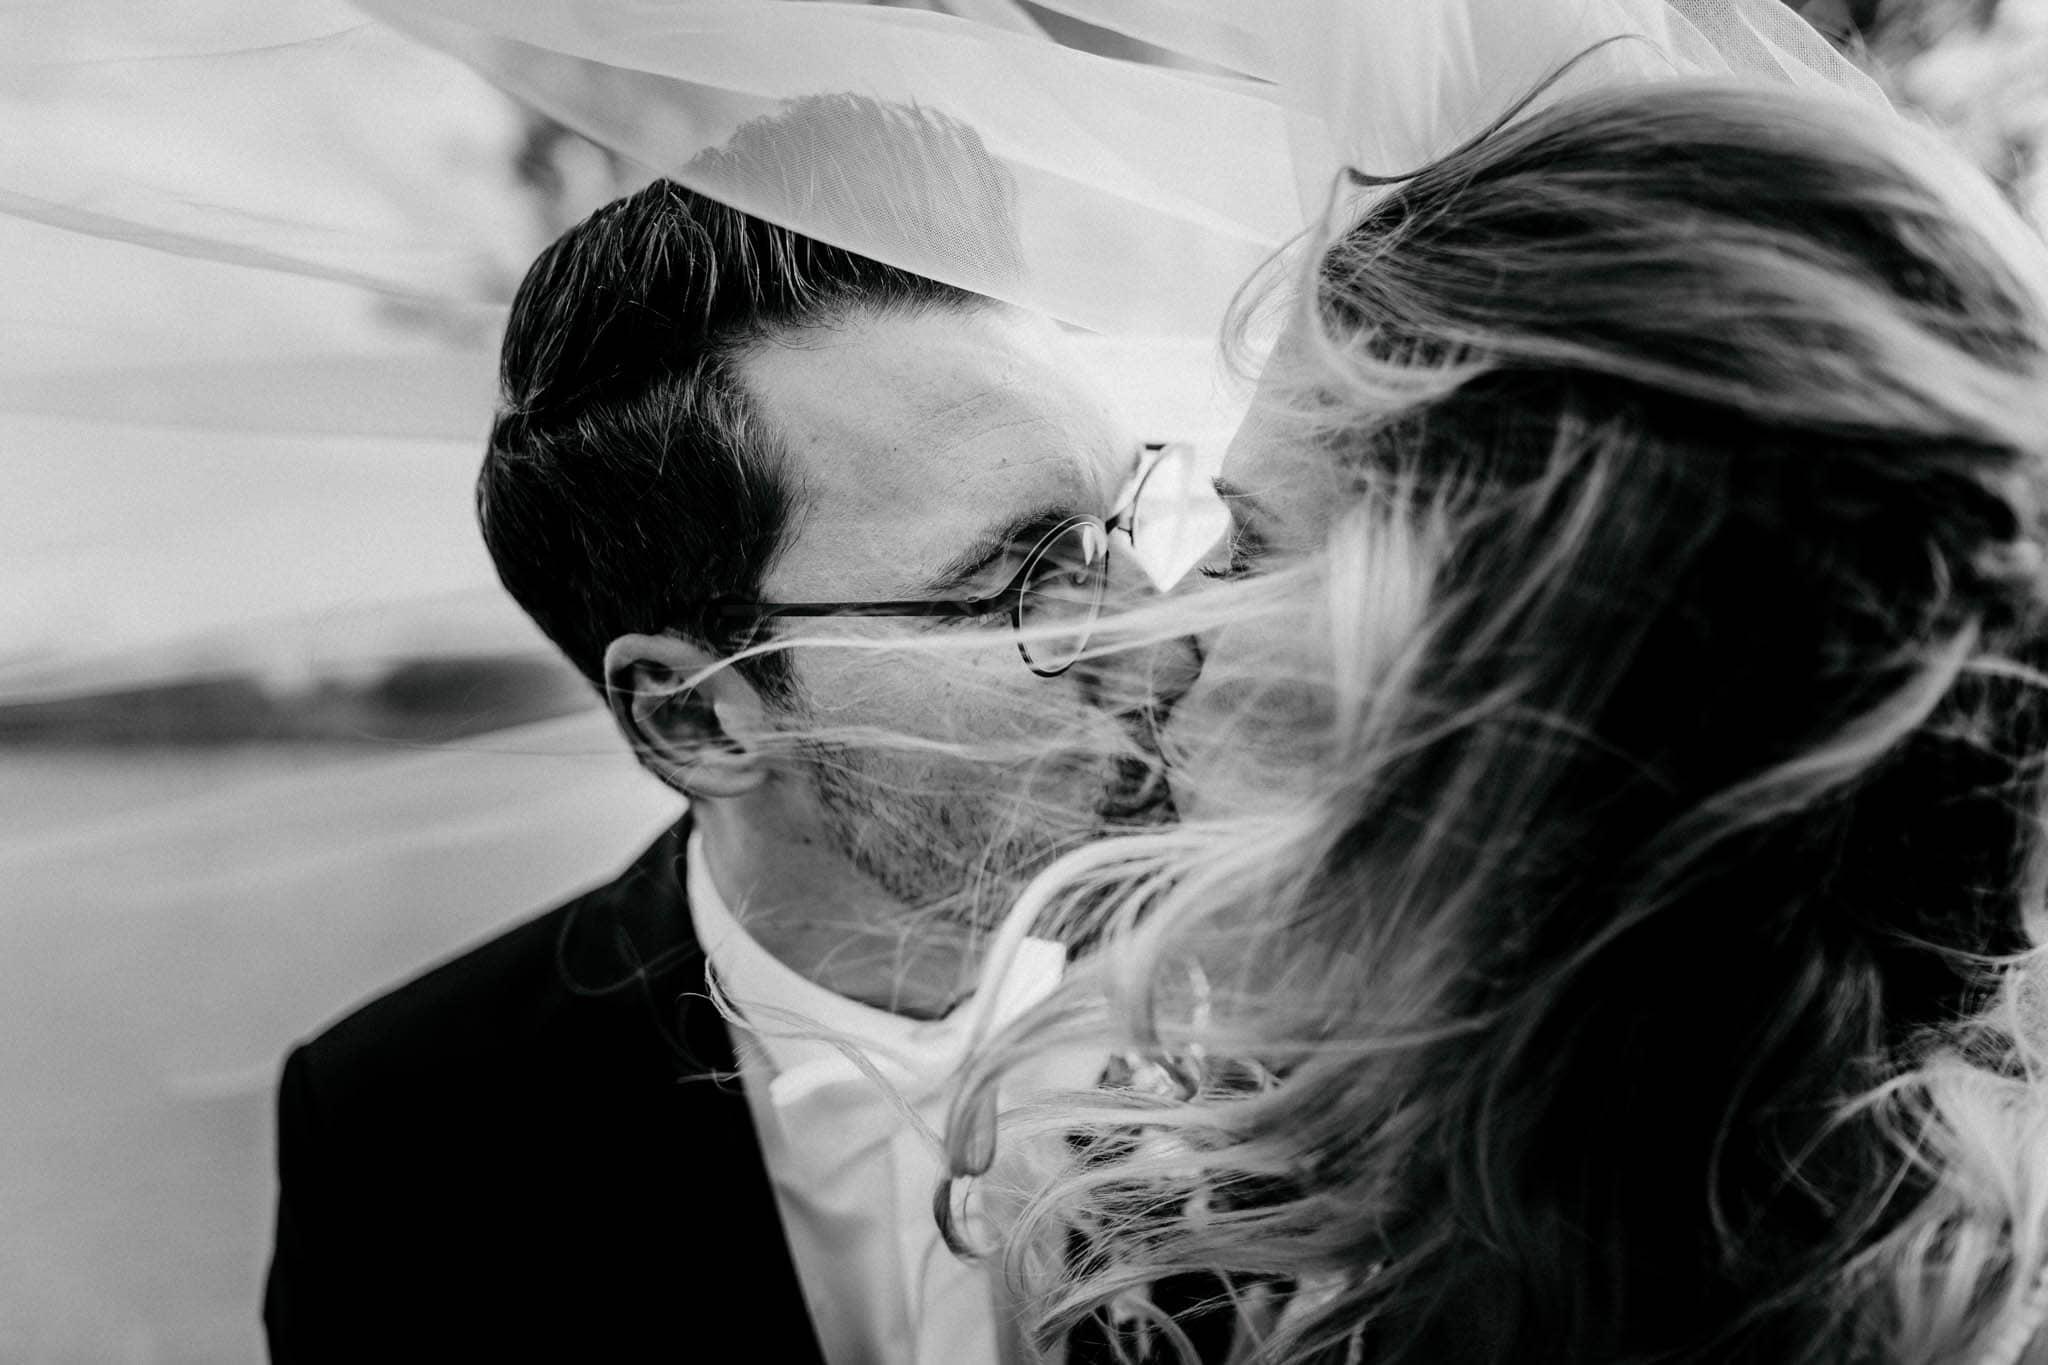 Hochzeitsfieber by Photo-Schomburg, Hochzeitsfotograf, Hamburg, Bremen, Hochzeitstag, Hochzeitspaar, Braut, Bräutigam, Bremen-Kränholm,Knoops Park-148